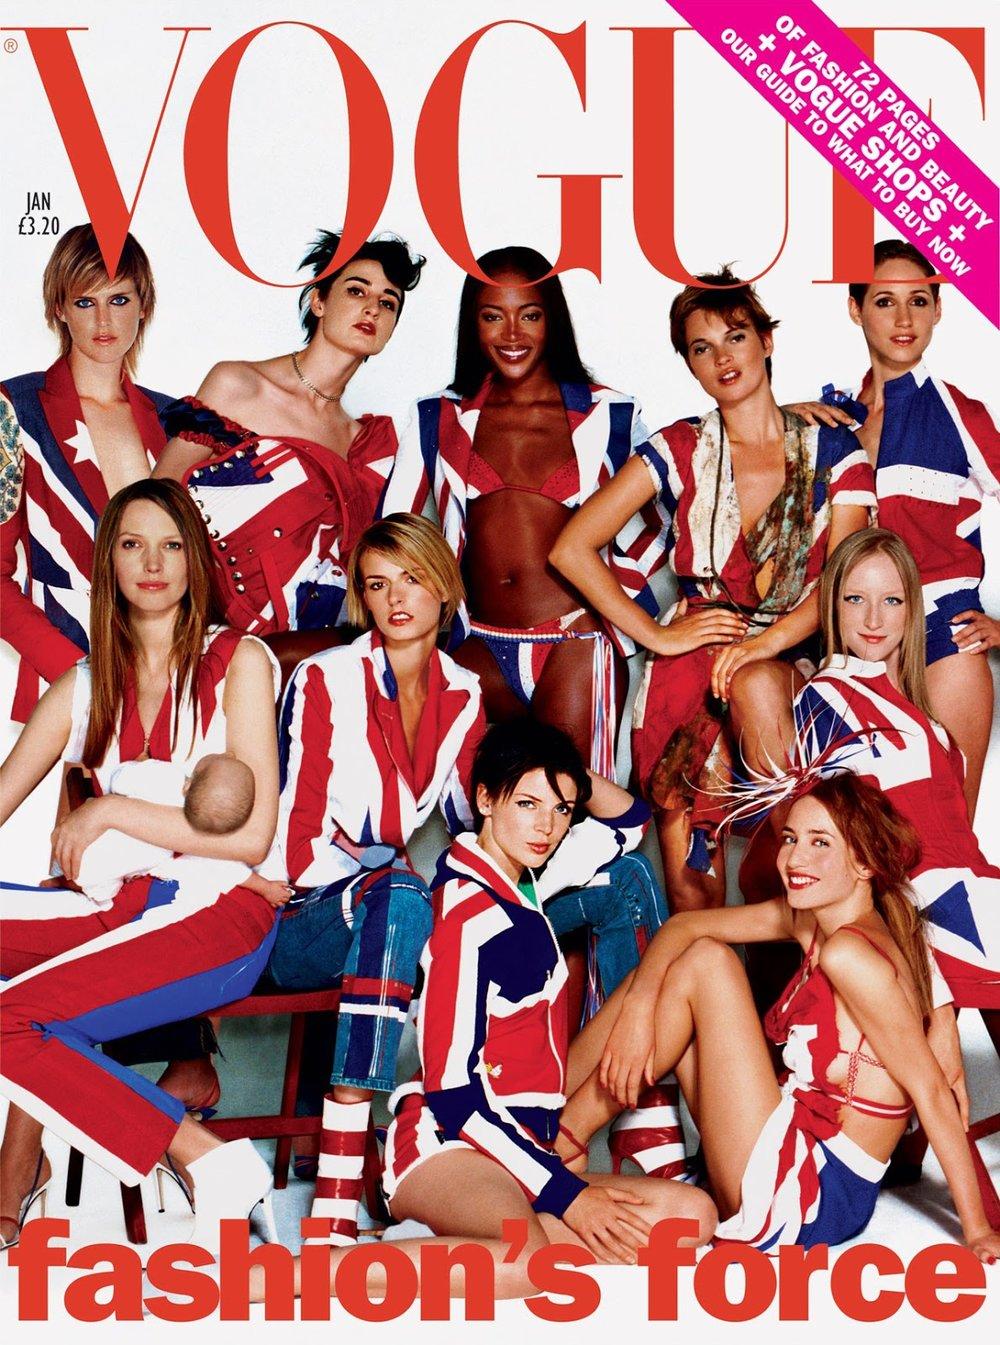 British Vogue January 2002